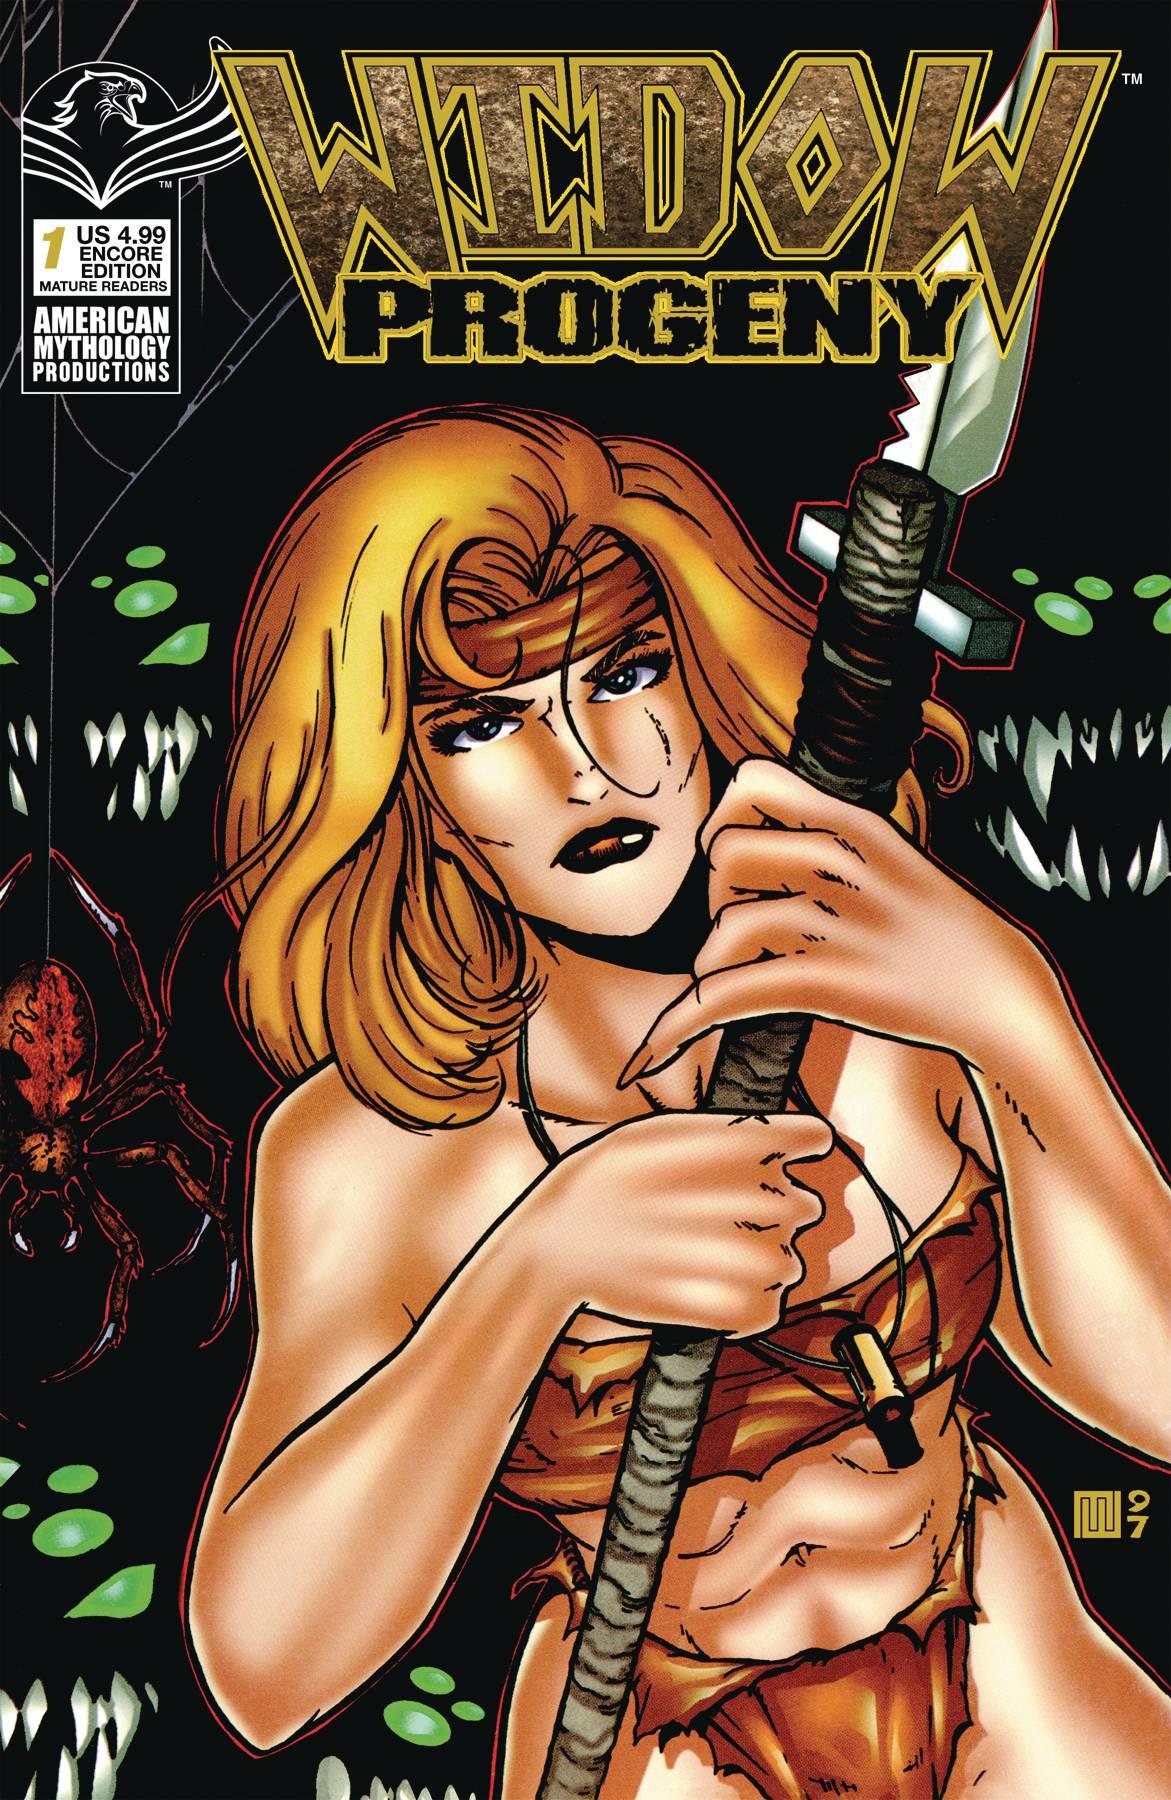 Widow: Progeny #1